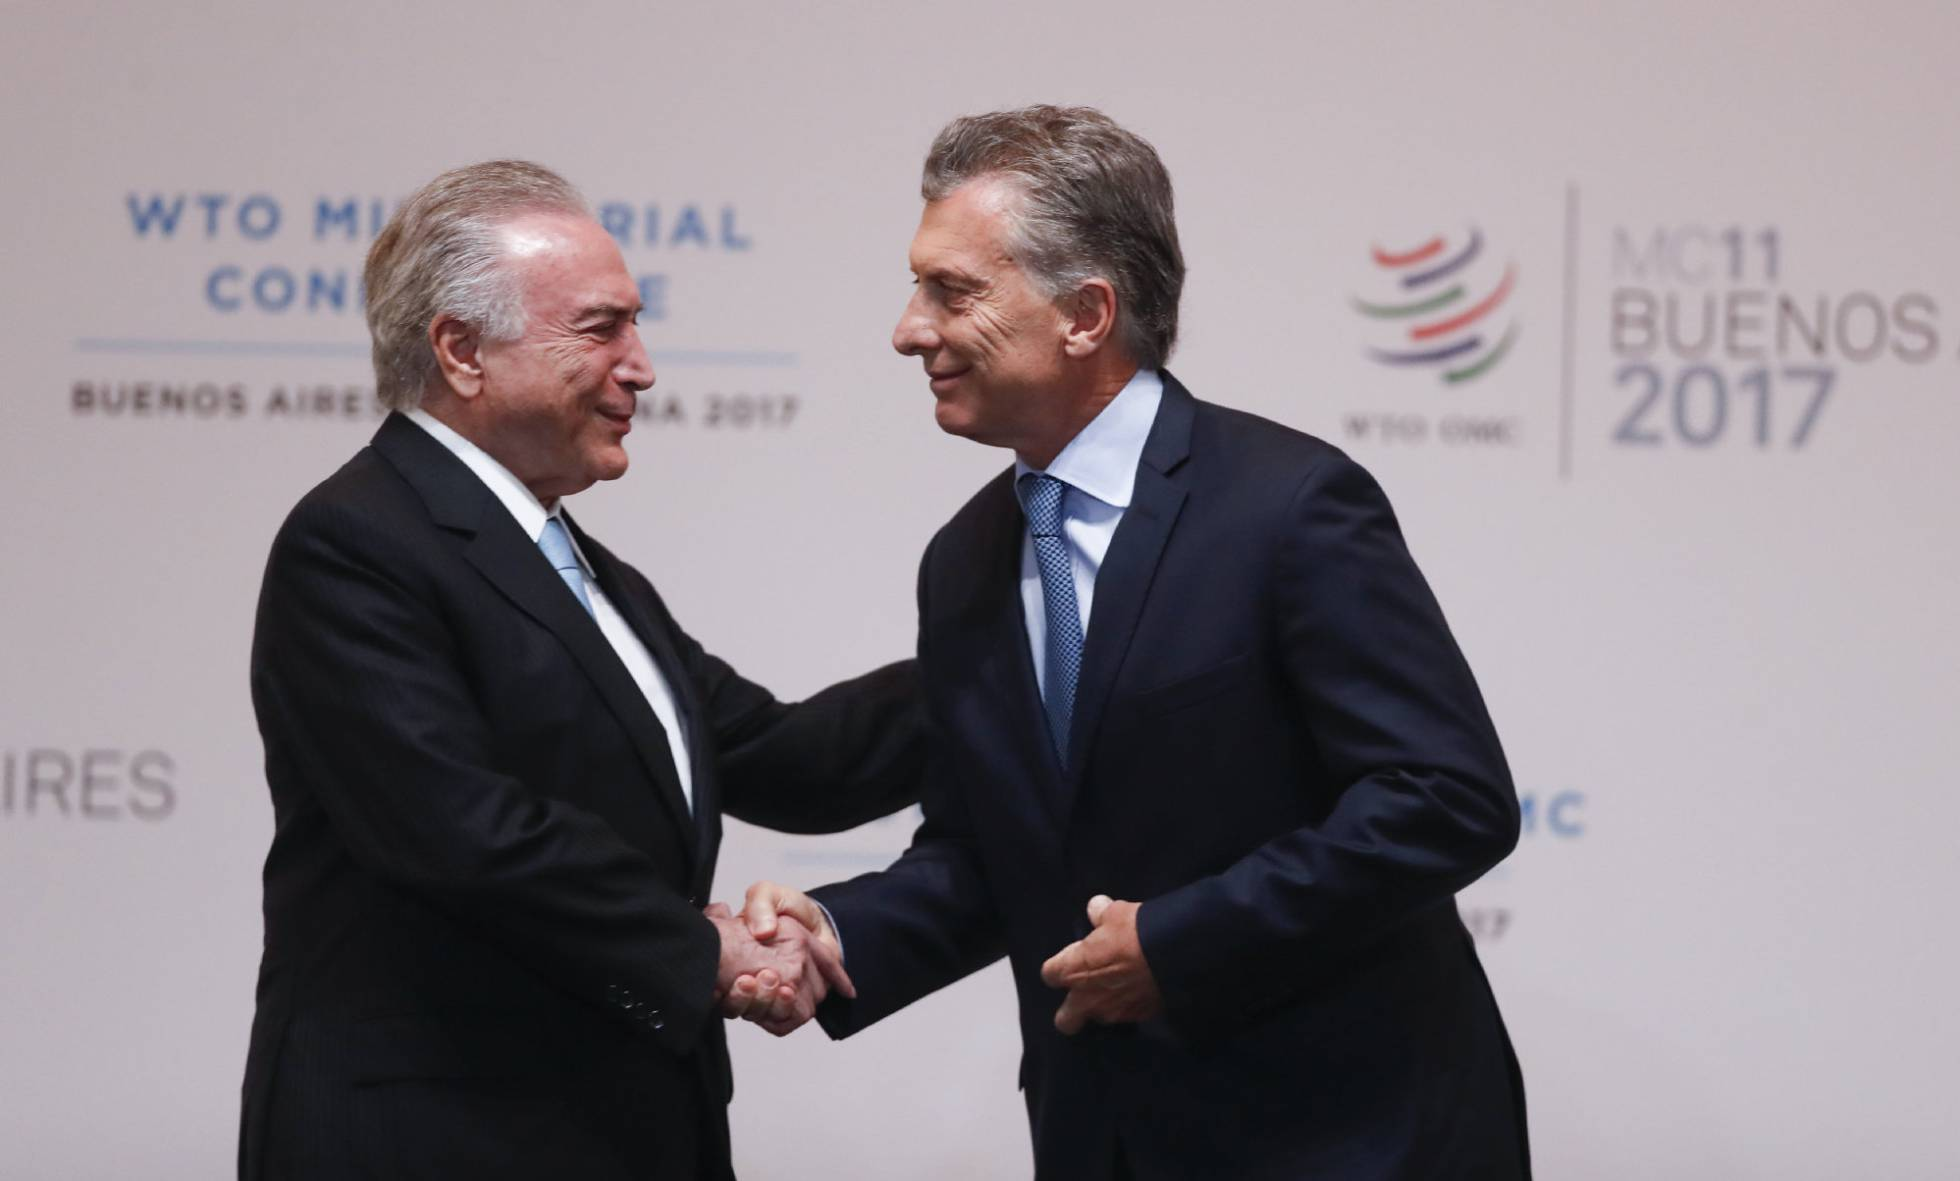 Após 20 anos, Mercosul e União Europeia se aproximam de acordo comercial